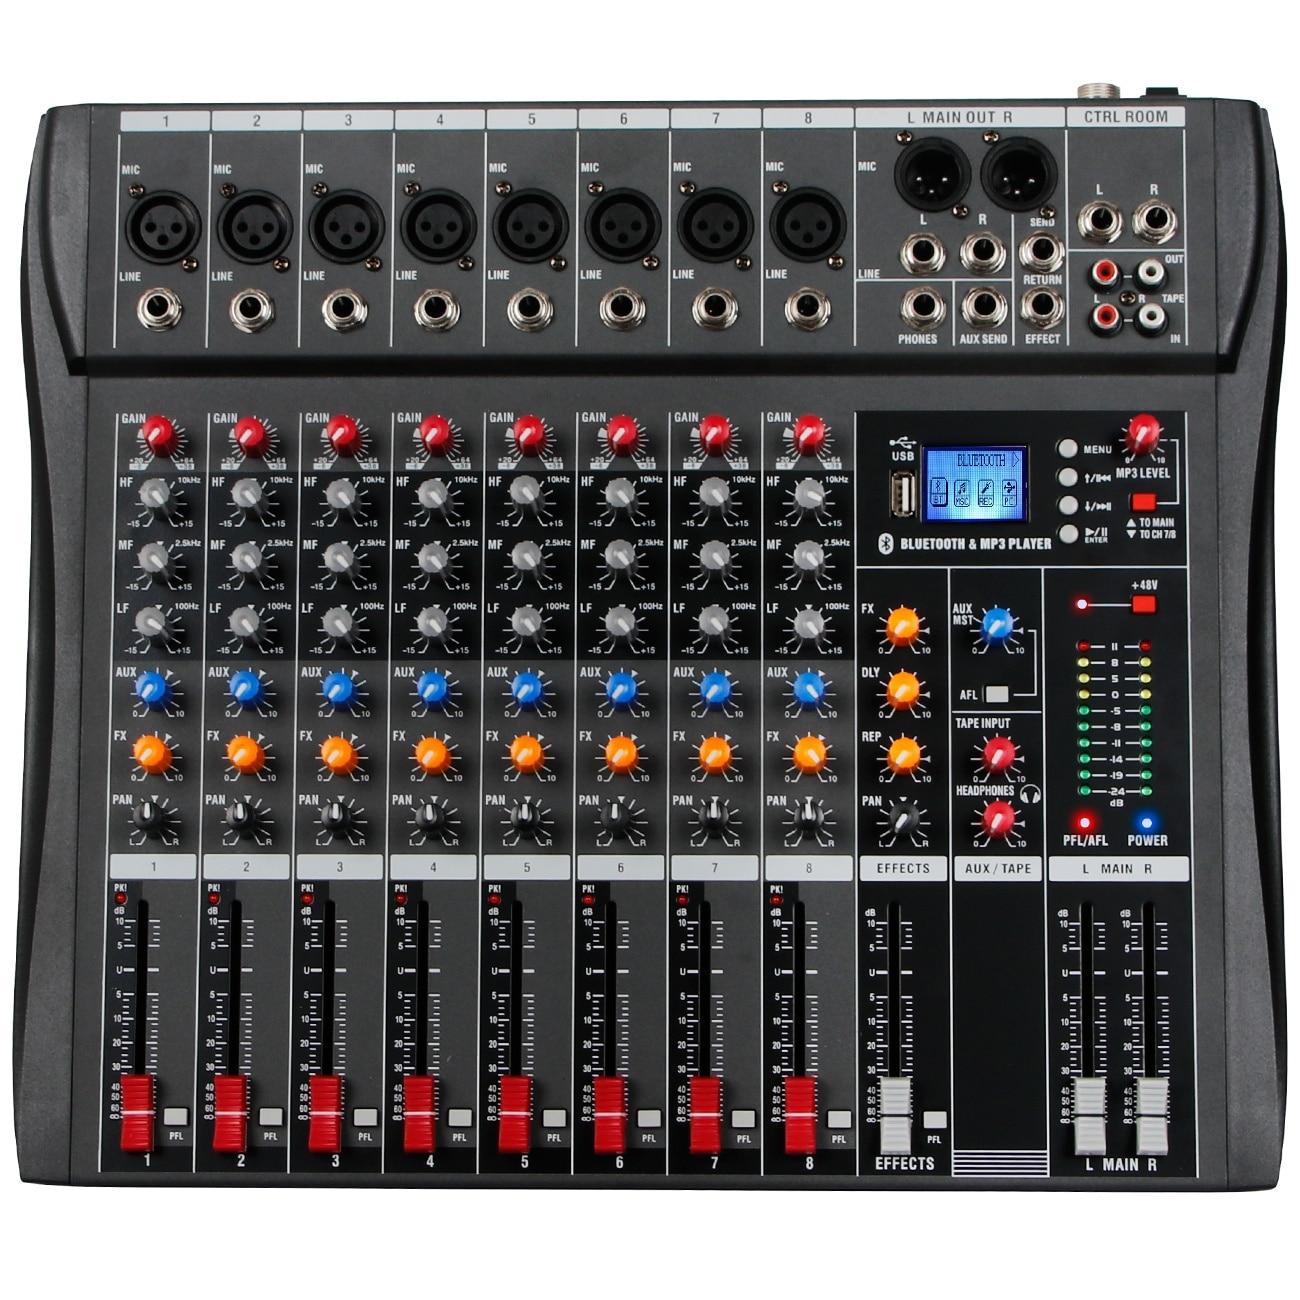 CT-80 خلاط المهنية 8 قنوات مع تأثير صدى DSP مشغل MP3 USB مع 48 فولت امدادات الطاقة سماعة لاسلكية تعمل بالبلوتوث الهاتف